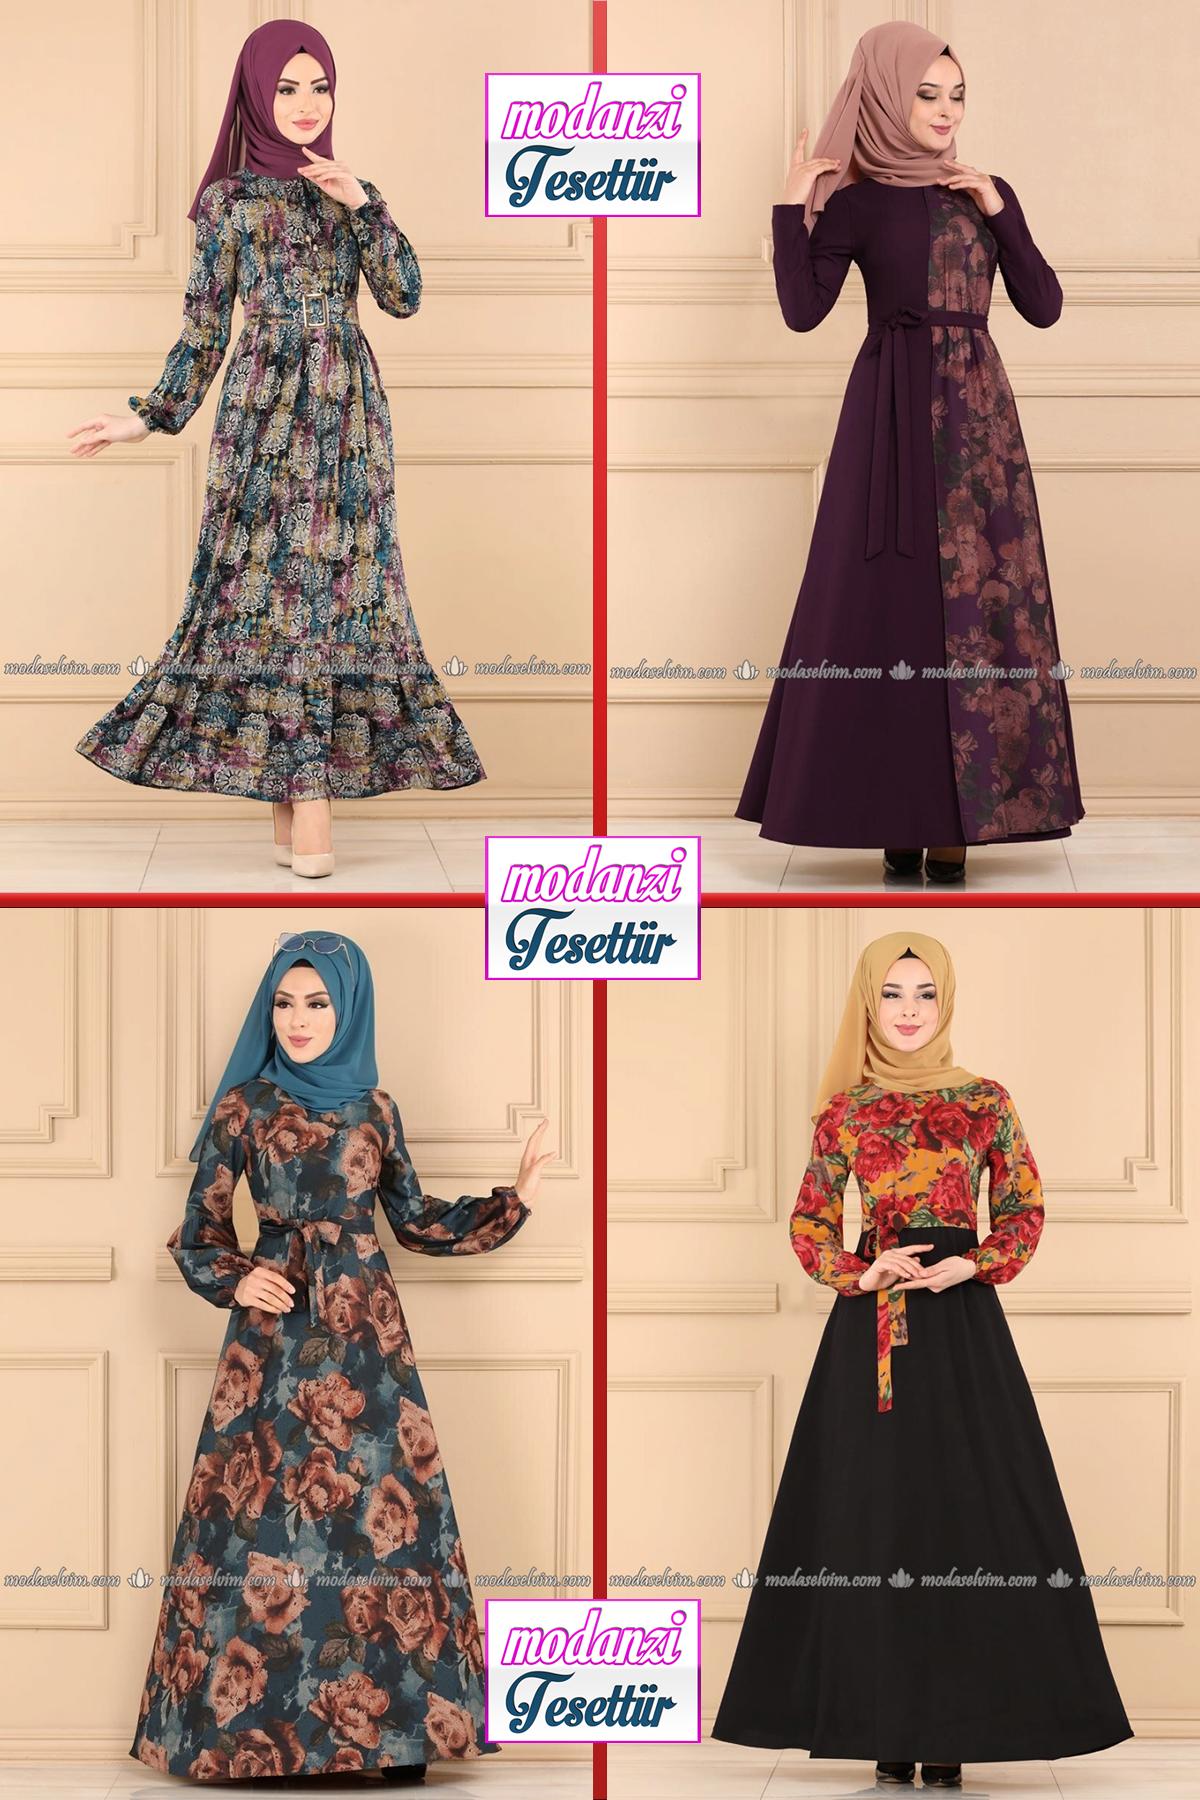 Modaselvim Buyuk Beden Elbise Modelleri 3 2020 Yaz Tesettur Elbise Plus Size Dresses 2020 Plus Size Dresses Elbise Resmi Elbise